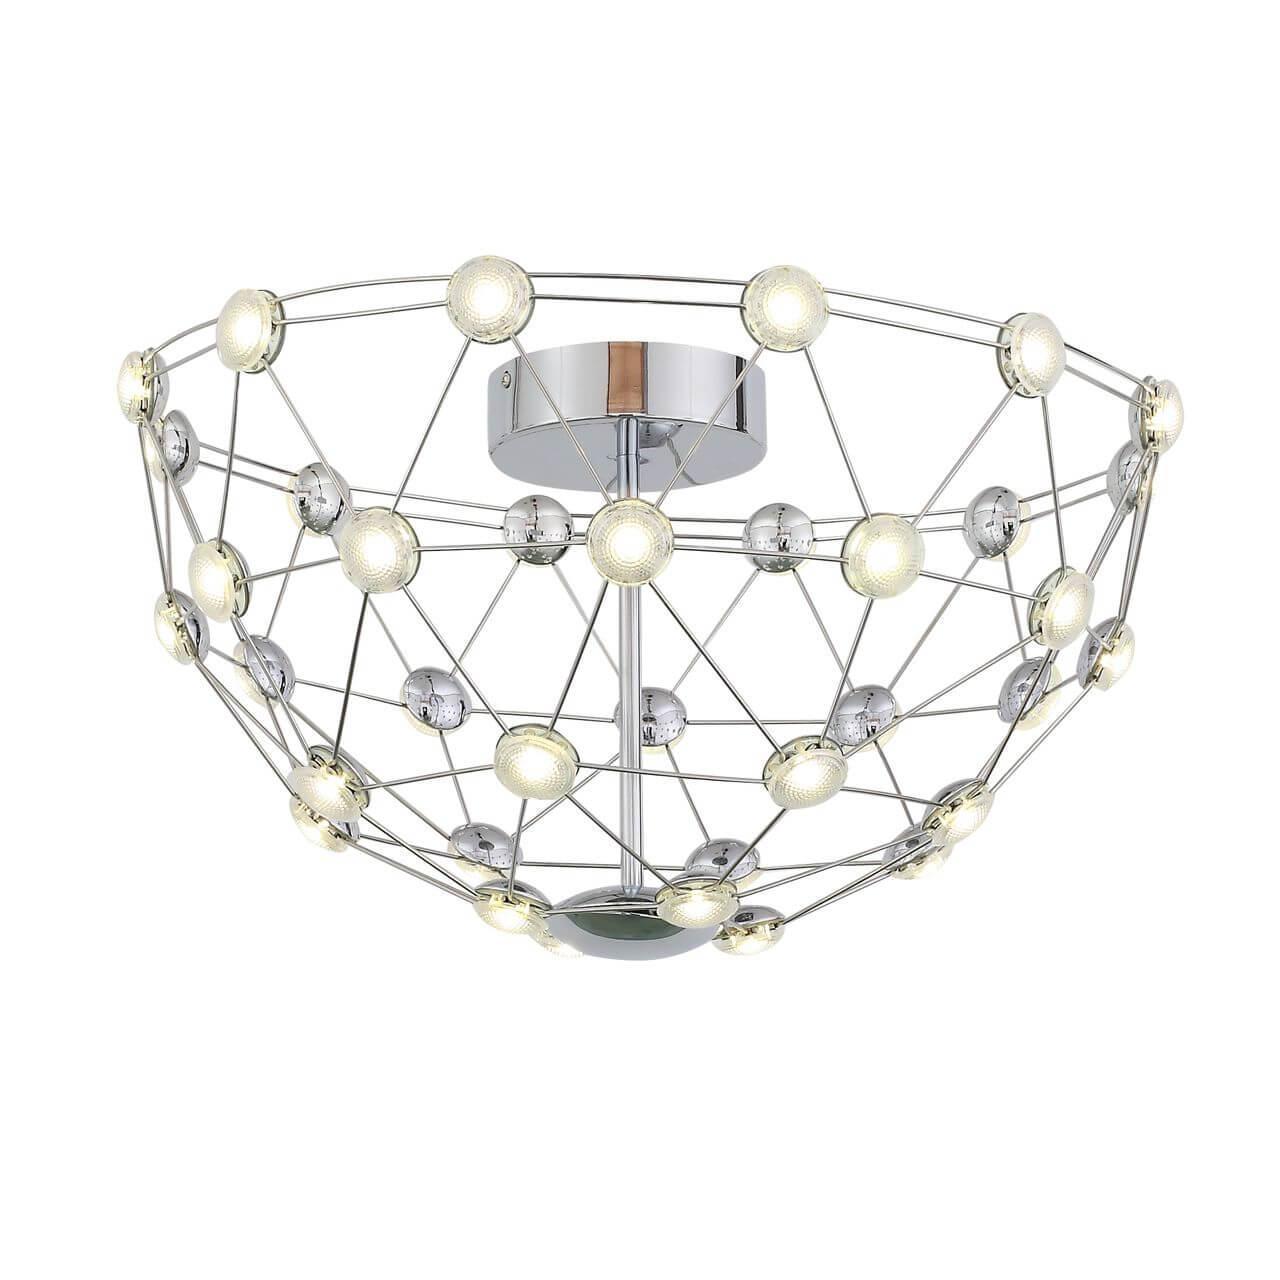 Потолочный светодиодный светильник st Luce Ufo